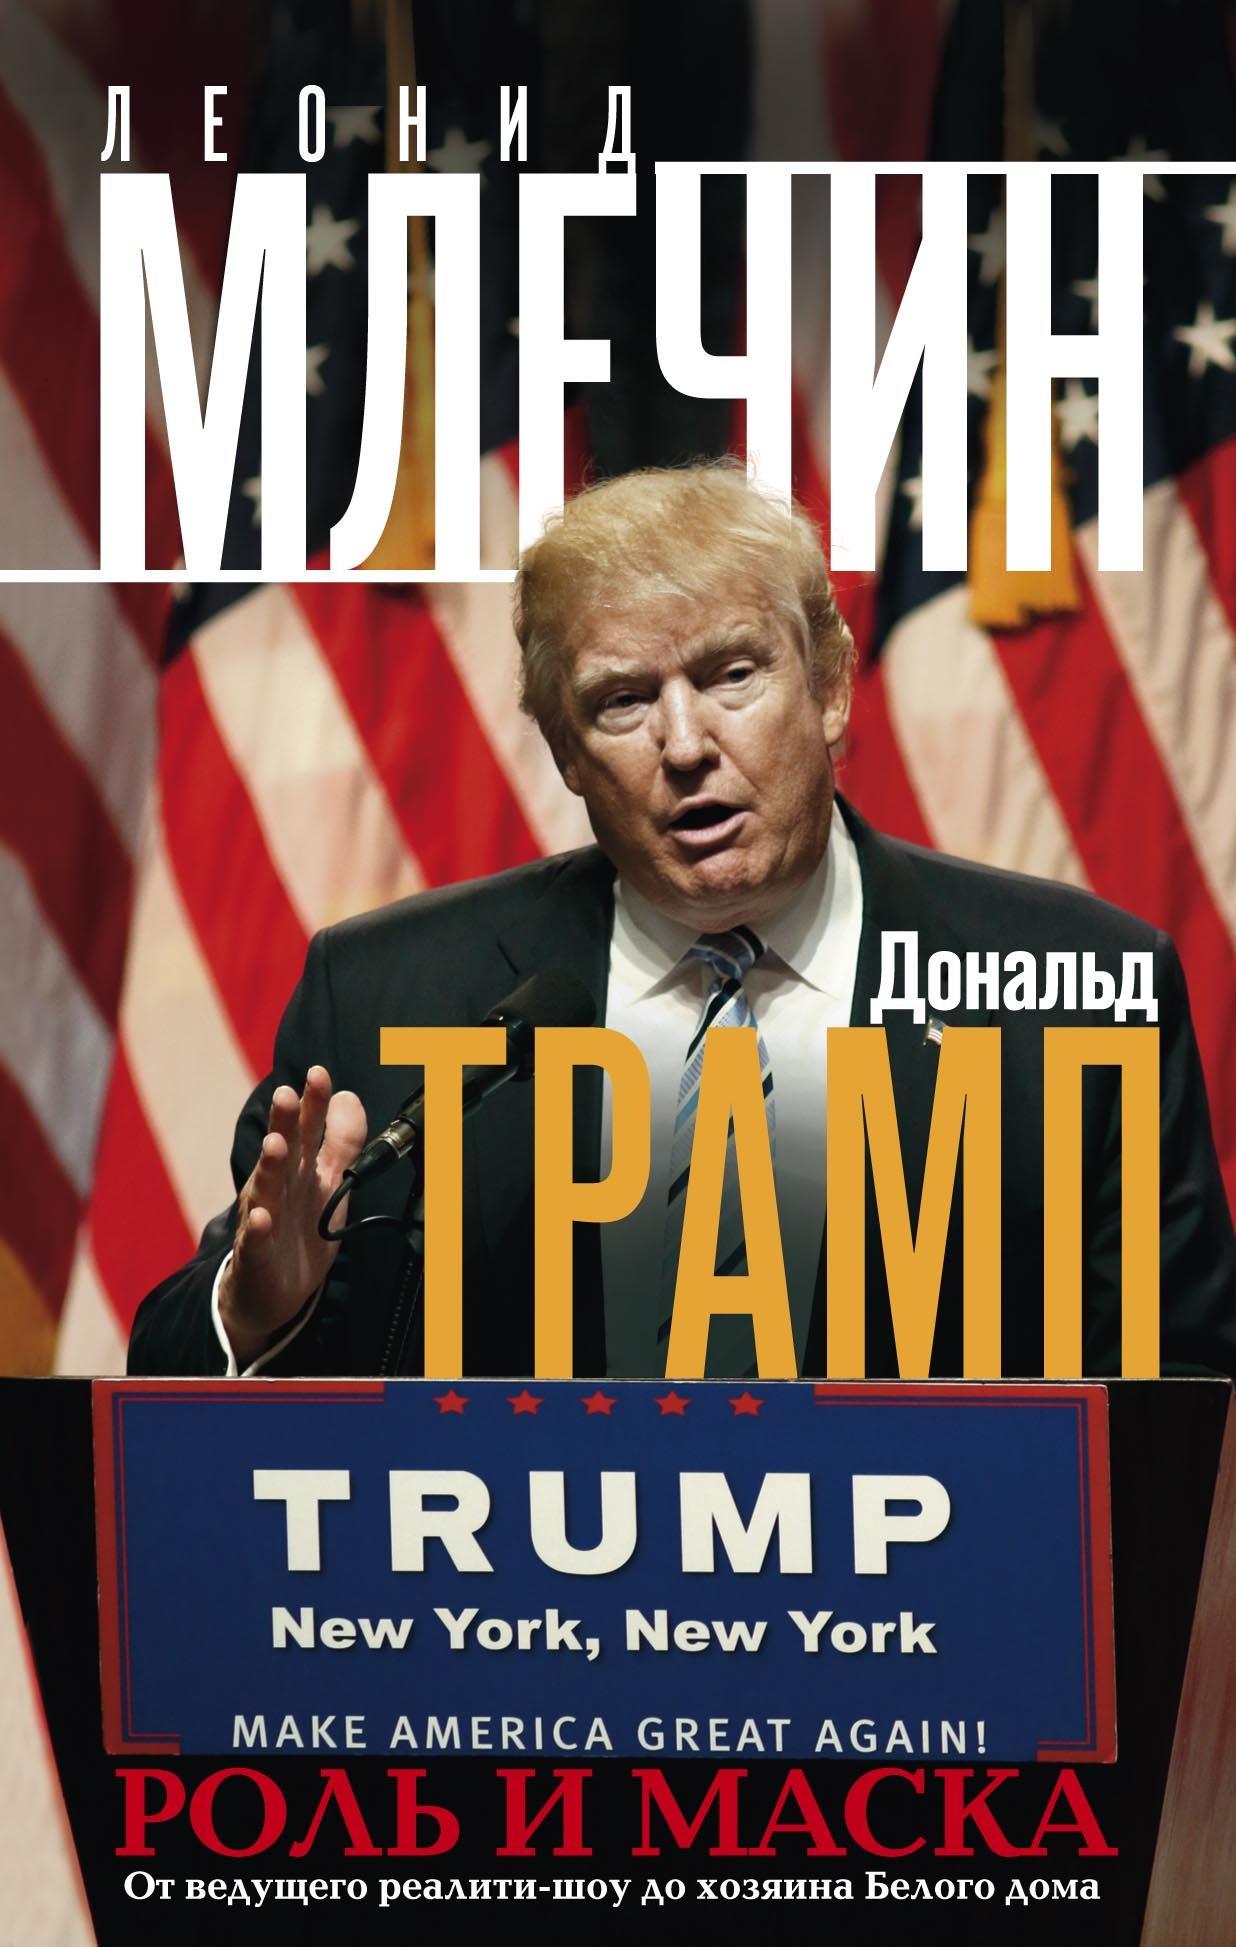 Леонид Млечин «Дональд Трамп. Роль и маска. От ведущего реалити-шоу до хозяина Белого дома»